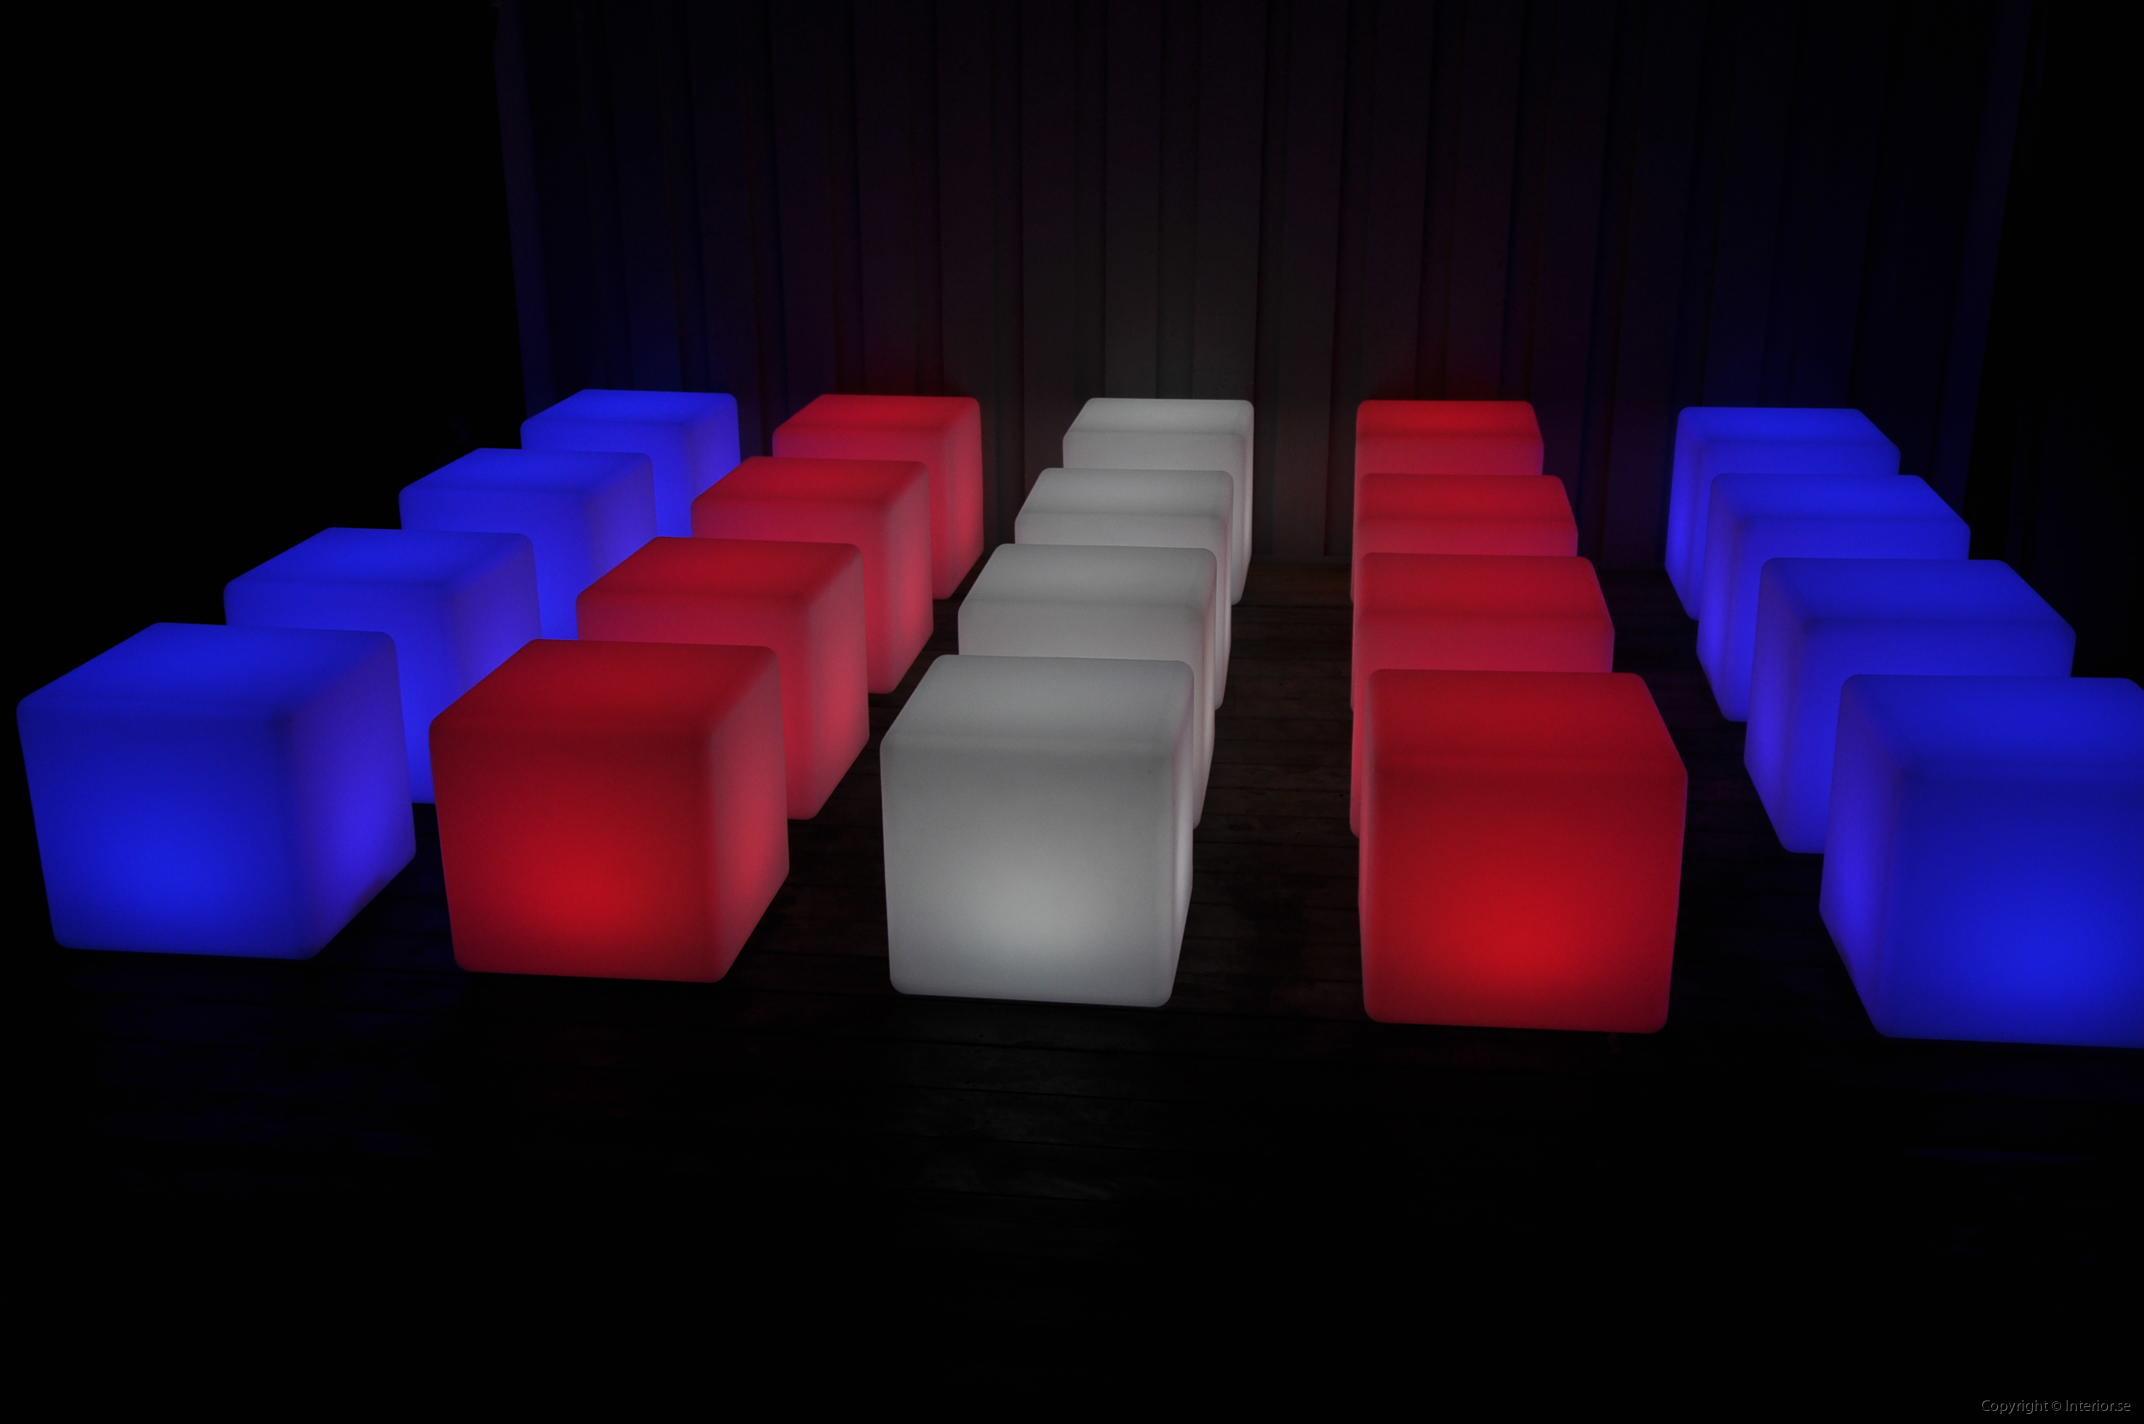 Hyra led möbler ledmöbler stockholm event möbler hyr möbler stockholm event led furniture hire stockholm (21)